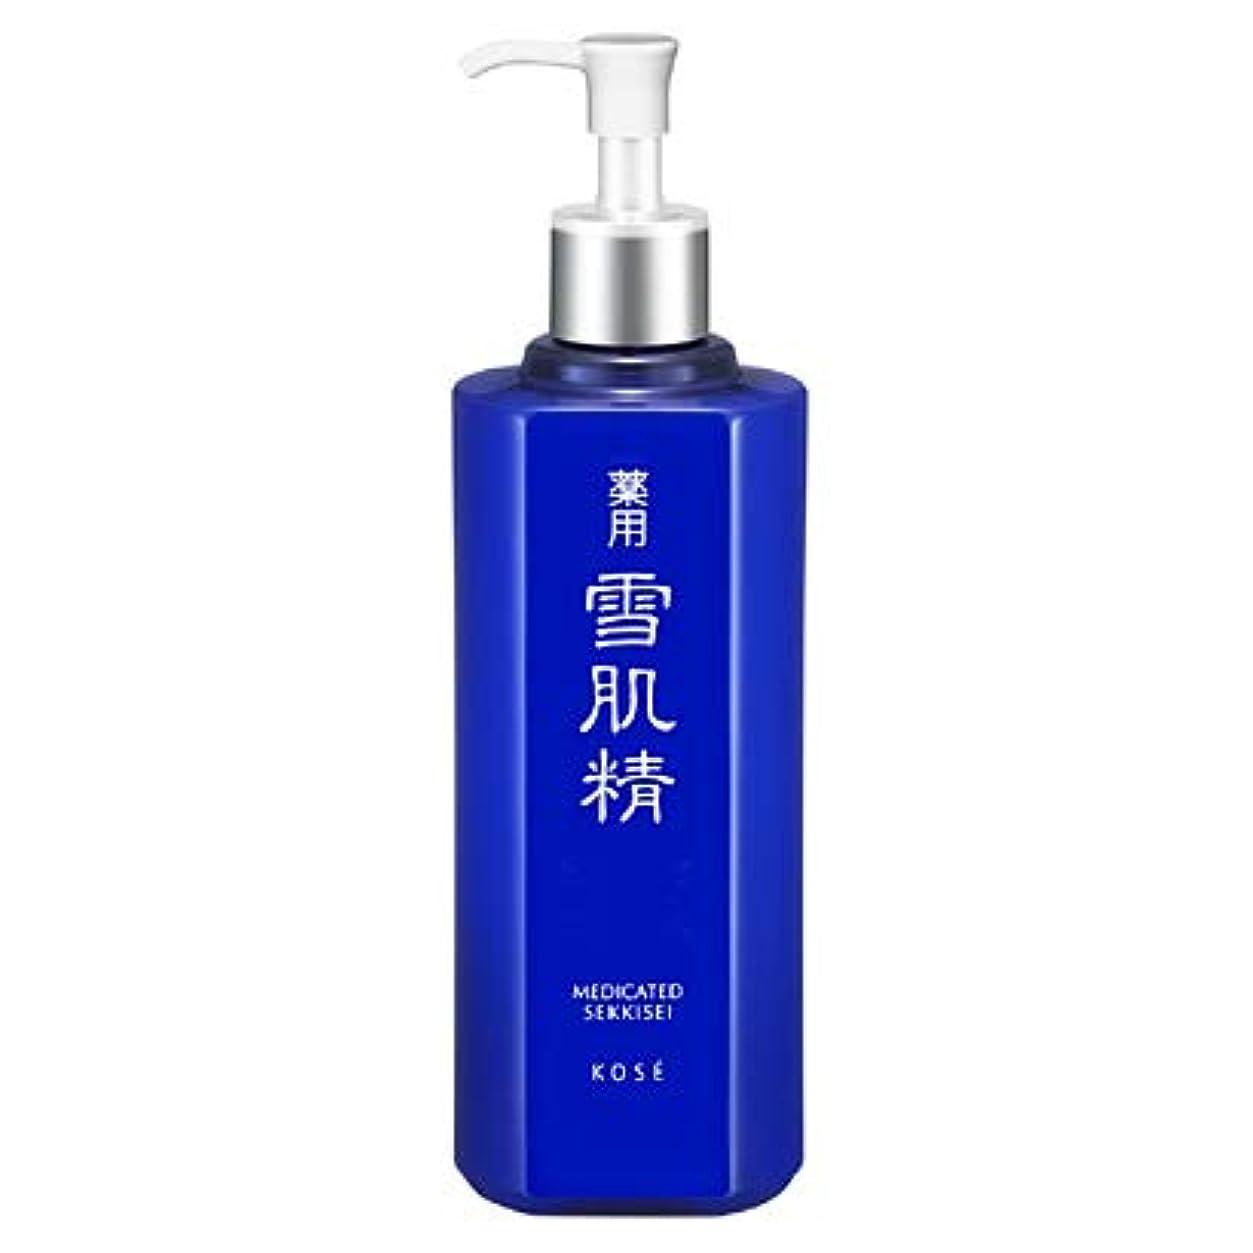 遺産メイドボットKOSE コーセー 薬用 雪肌精 エンリッチ 500ml ディスペンサー付ボトル 限定